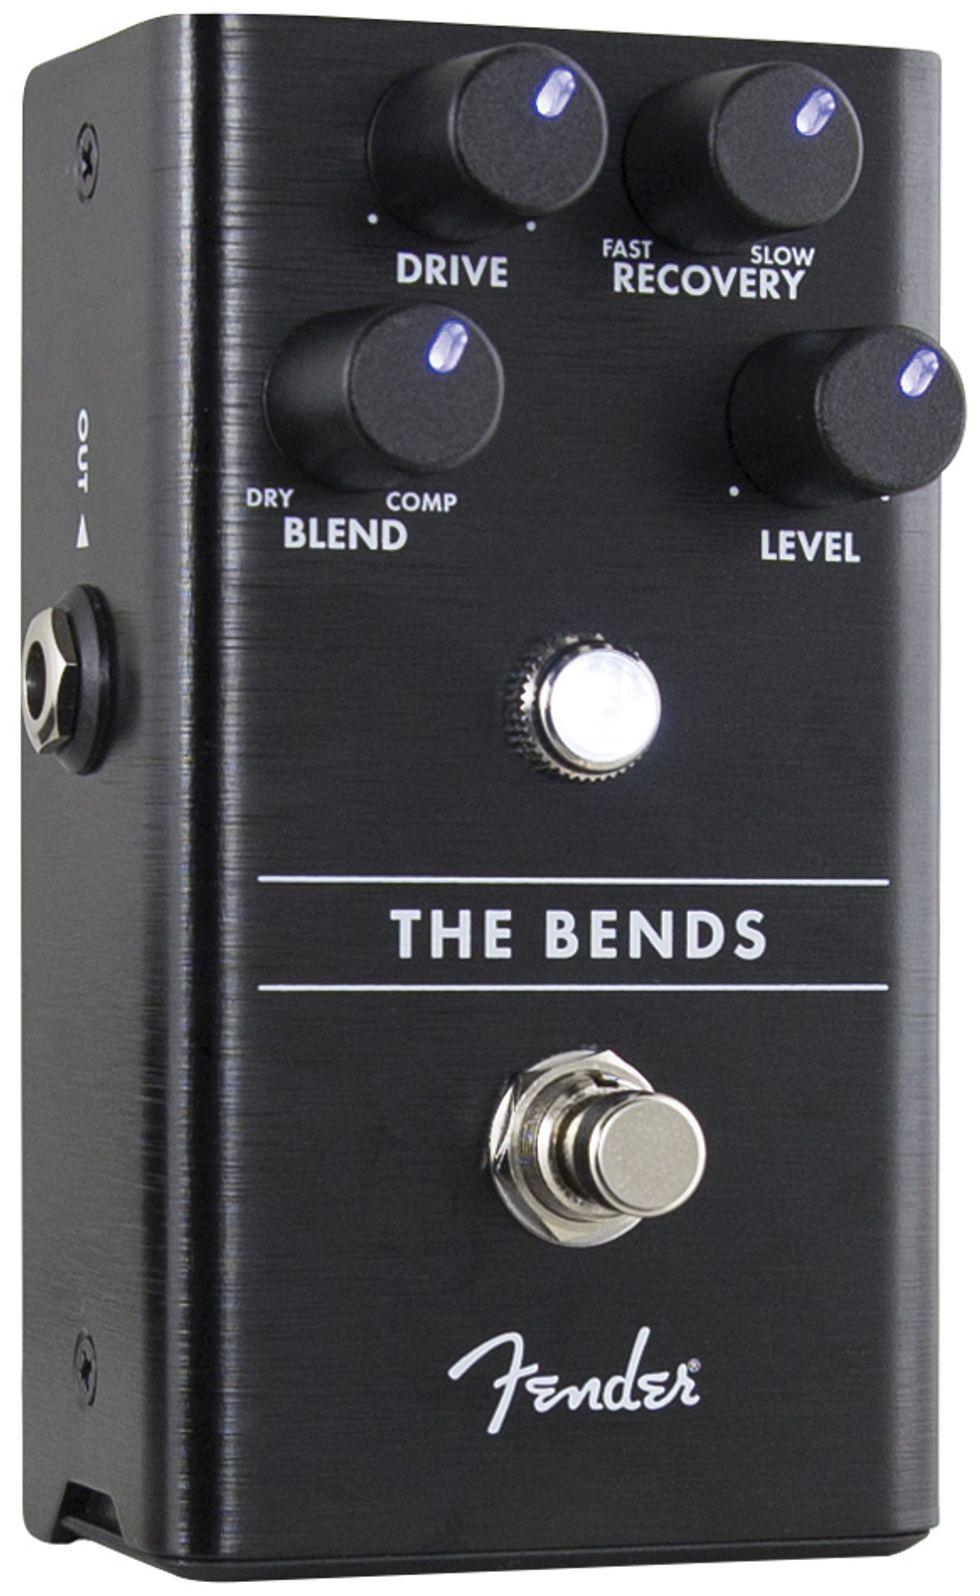 quick hit fender the bends compressor review premier guitar. Black Bedroom Furniture Sets. Home Design Ideas